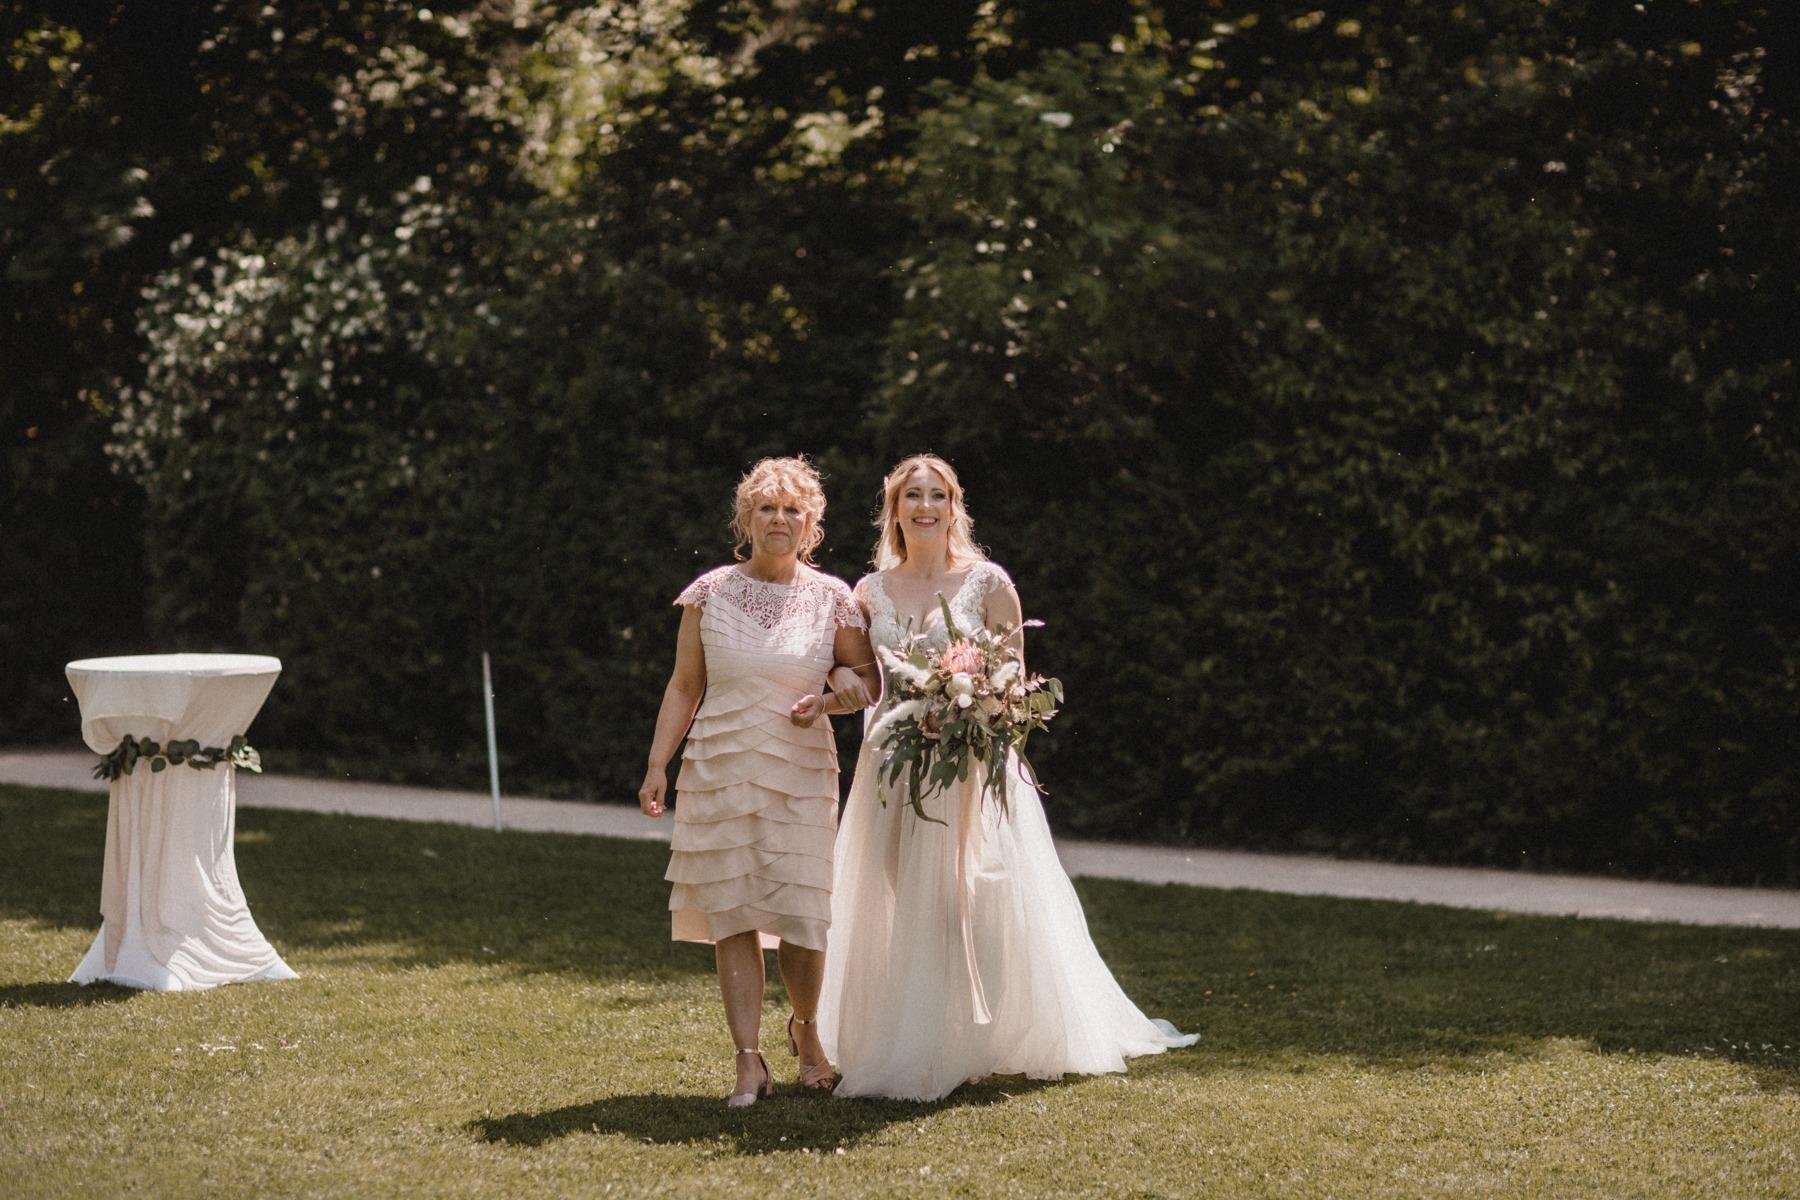 Meine Mama und ich auf dem Weg zum Altar